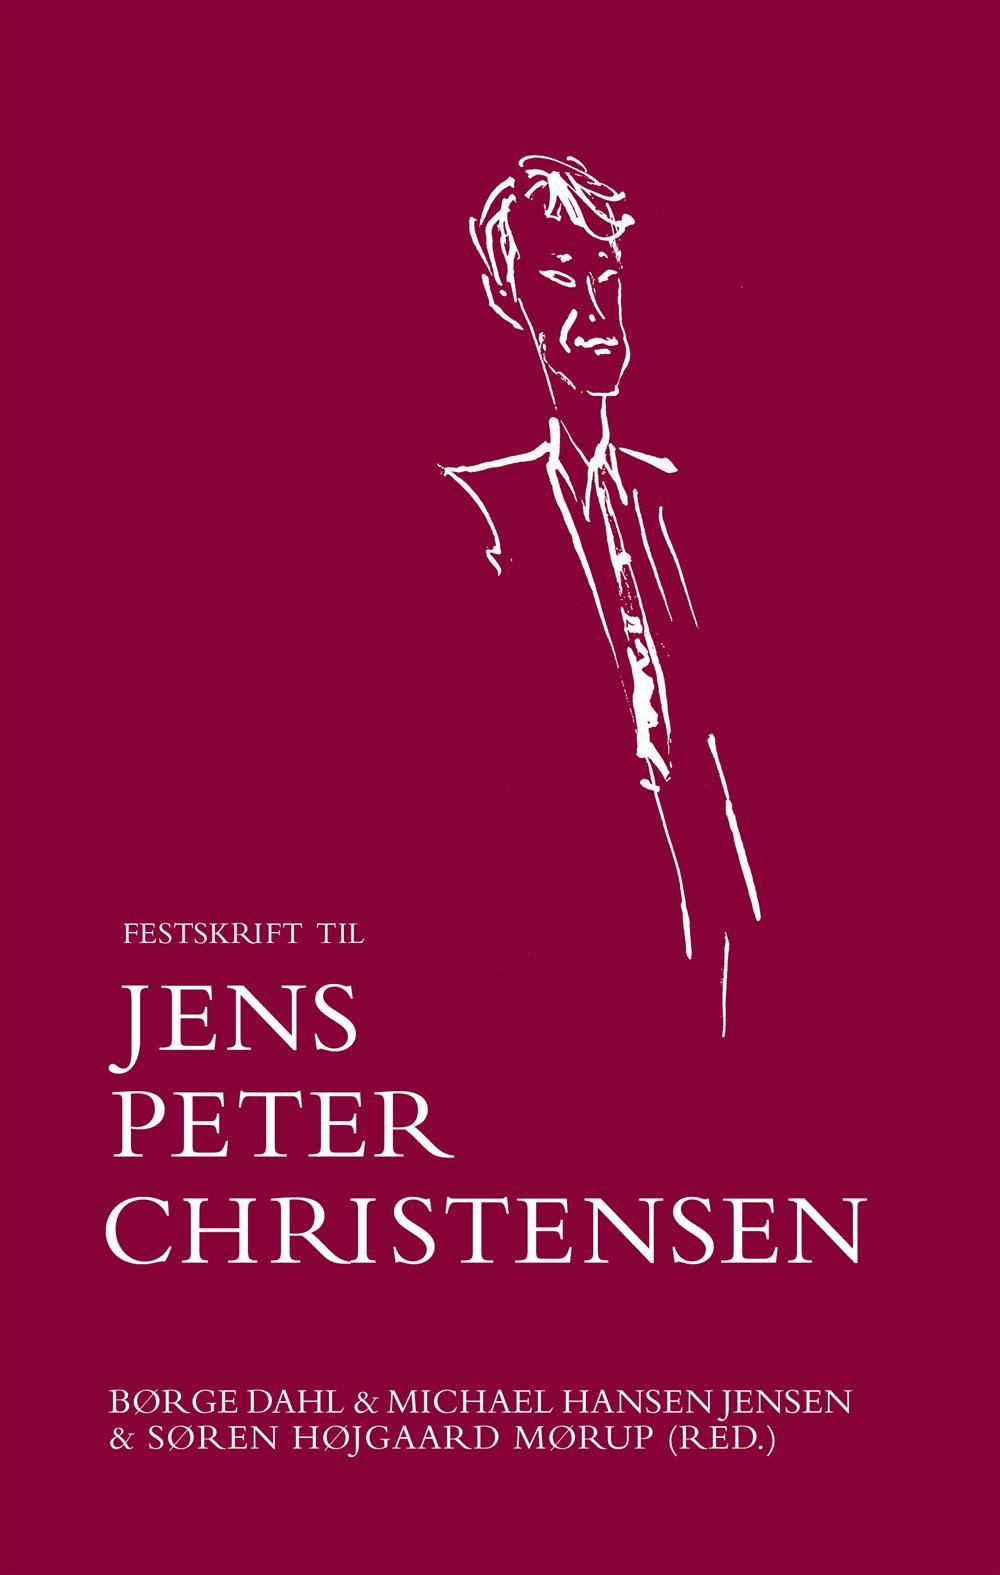 Festskrift til Jens Peter Christensen - Michael Hansen Jensen (red.), Søren Højgaard Mørup (red.) & Børge Dahl (red.) - Bøger - Djøf Forlag - 9788757435443 - 28/10-2016